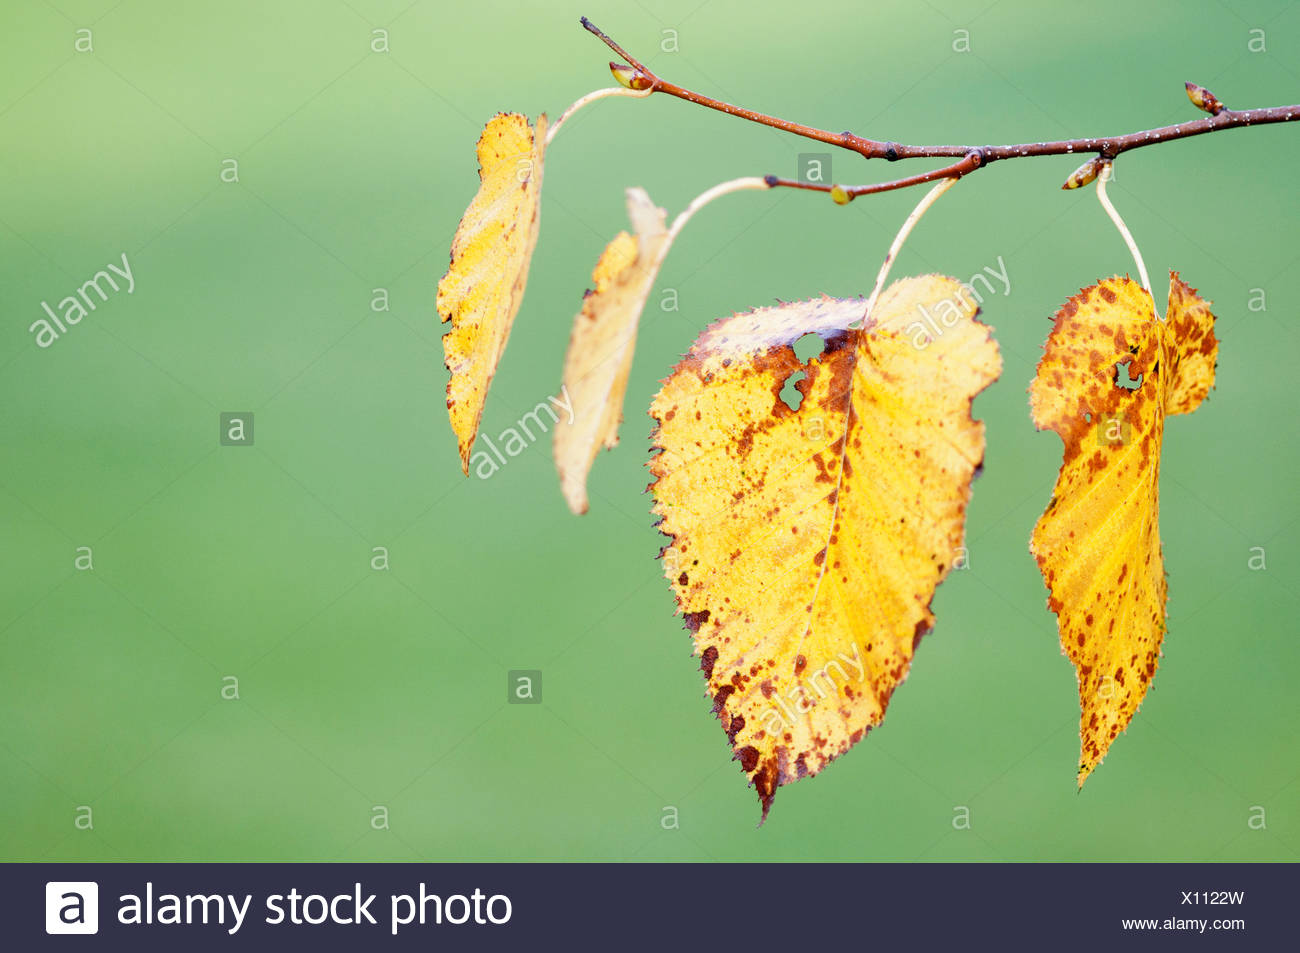 Betula pendula, Birch, Silver birch, Yellow, Green. Stock Photo